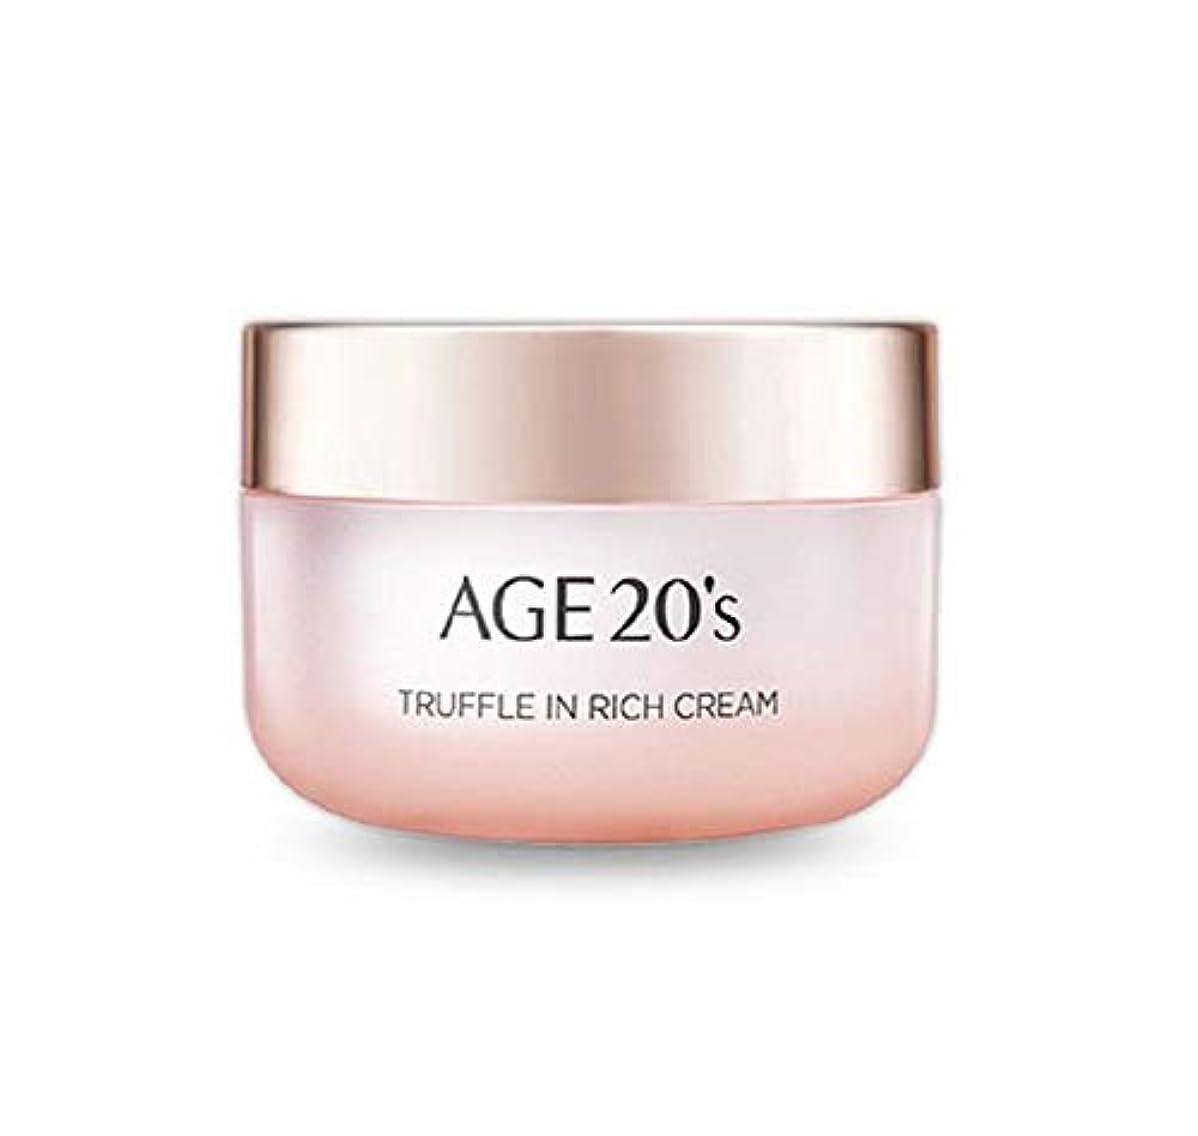 潮絶縁するクルーエイジトゥエンティスAge20's 韓国コスメ トリュフリッチ クリーム 50g 海外直送品 Truffle in rich Cream [並行輸入品]